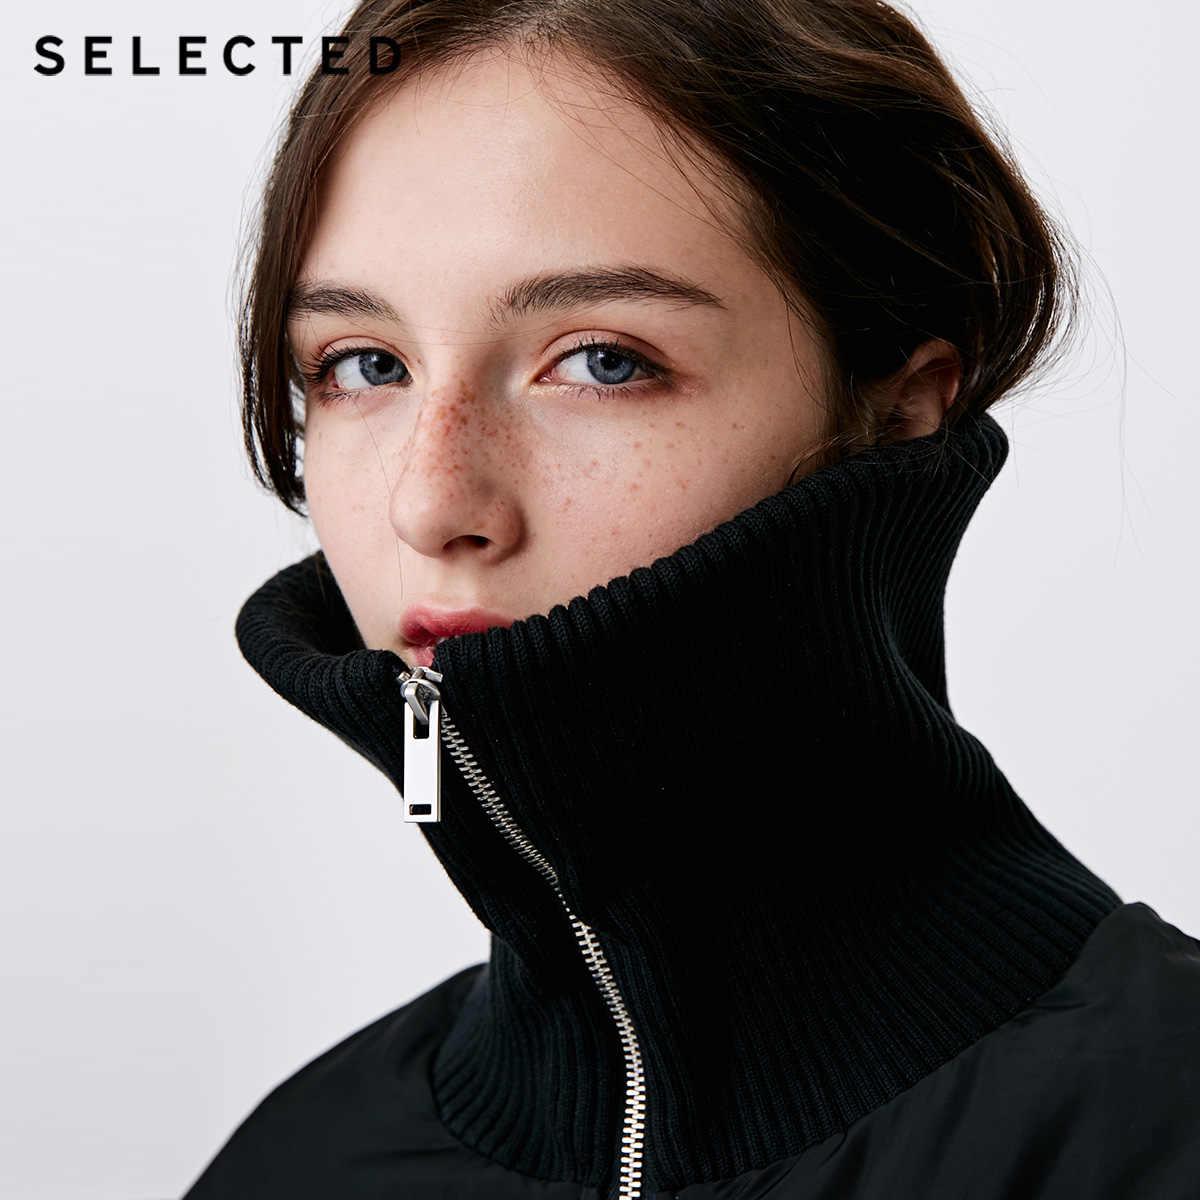 Отборный Зимний новый женский белый пуховик с утиным пухом, длинный вязаный воротник, повседневный пуховик S | 418412550